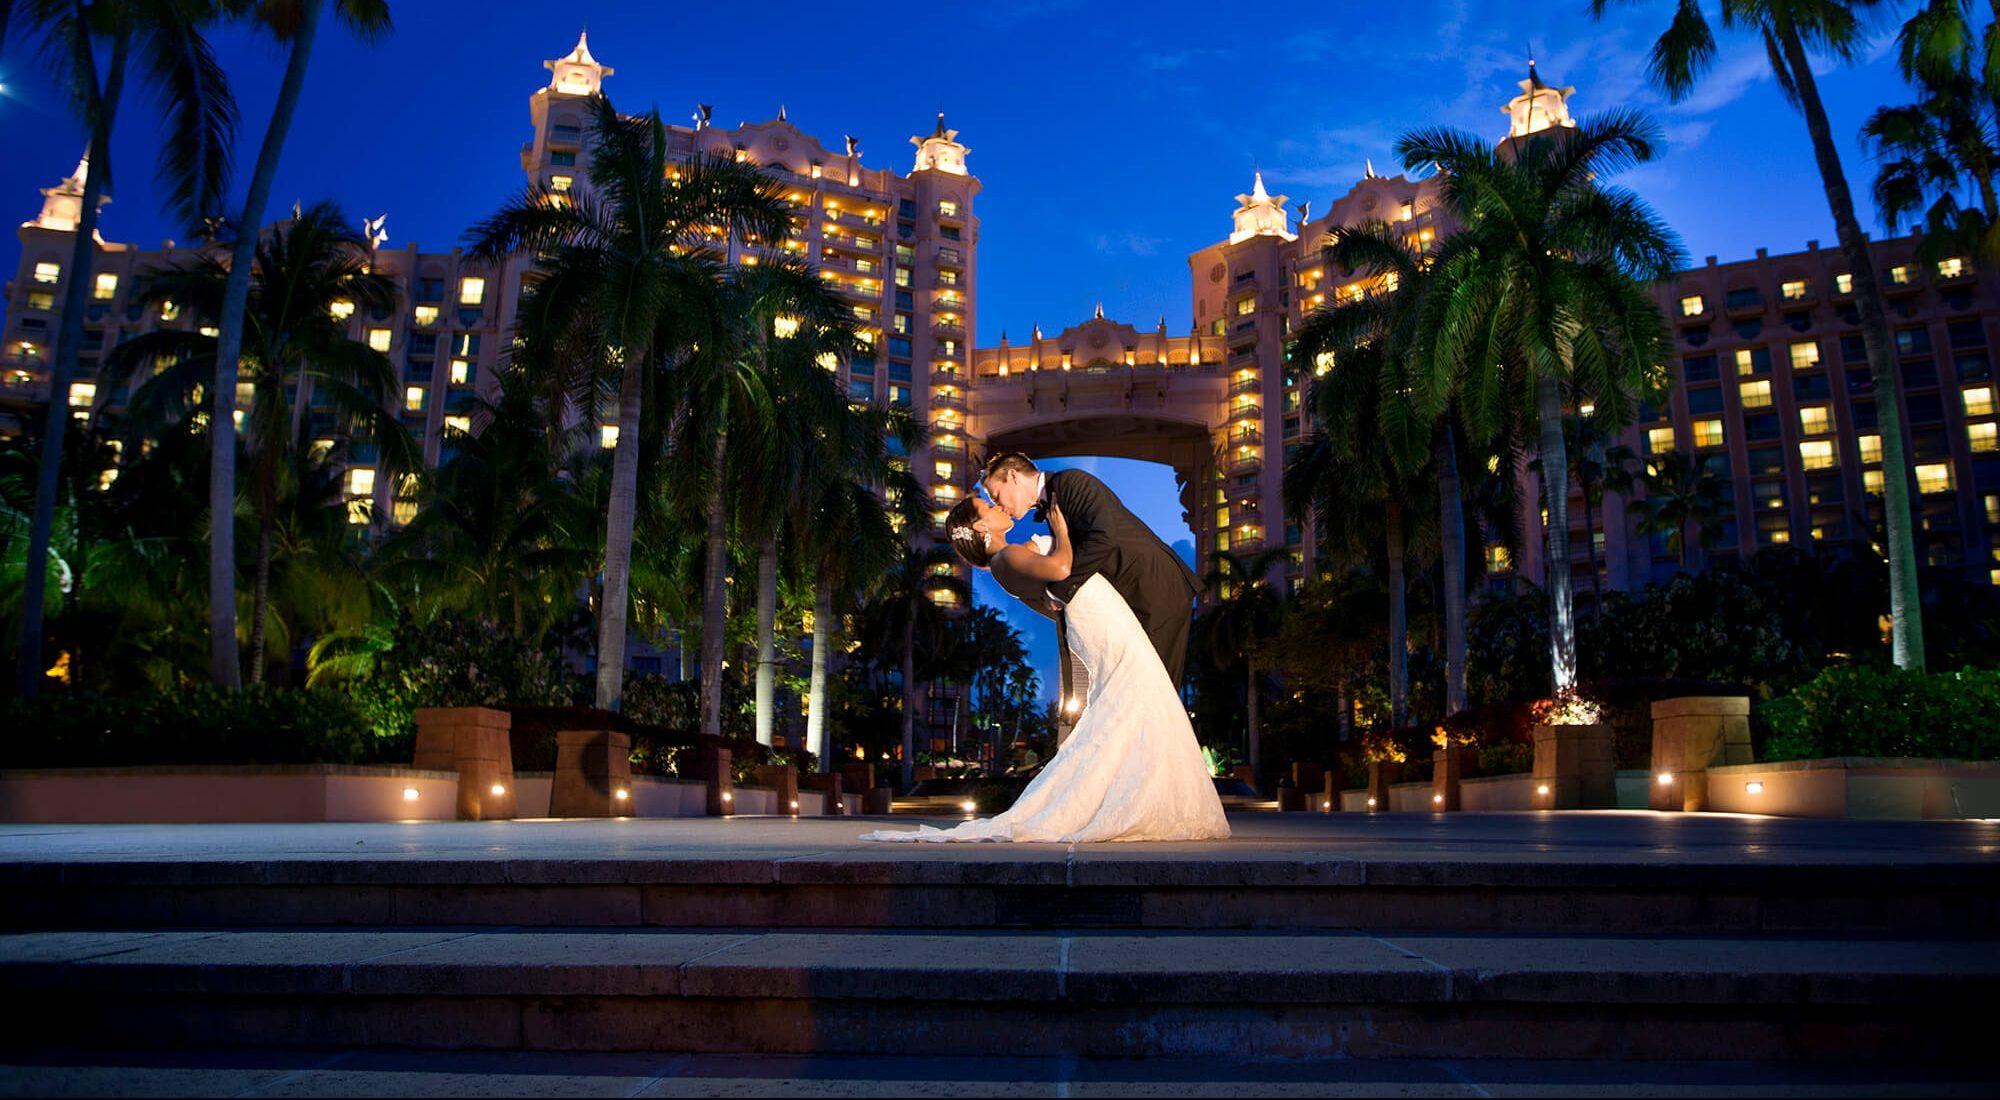 bride groom sunset kiss atlantis hotel paradise island bahamas oxfordshire wedding photographer